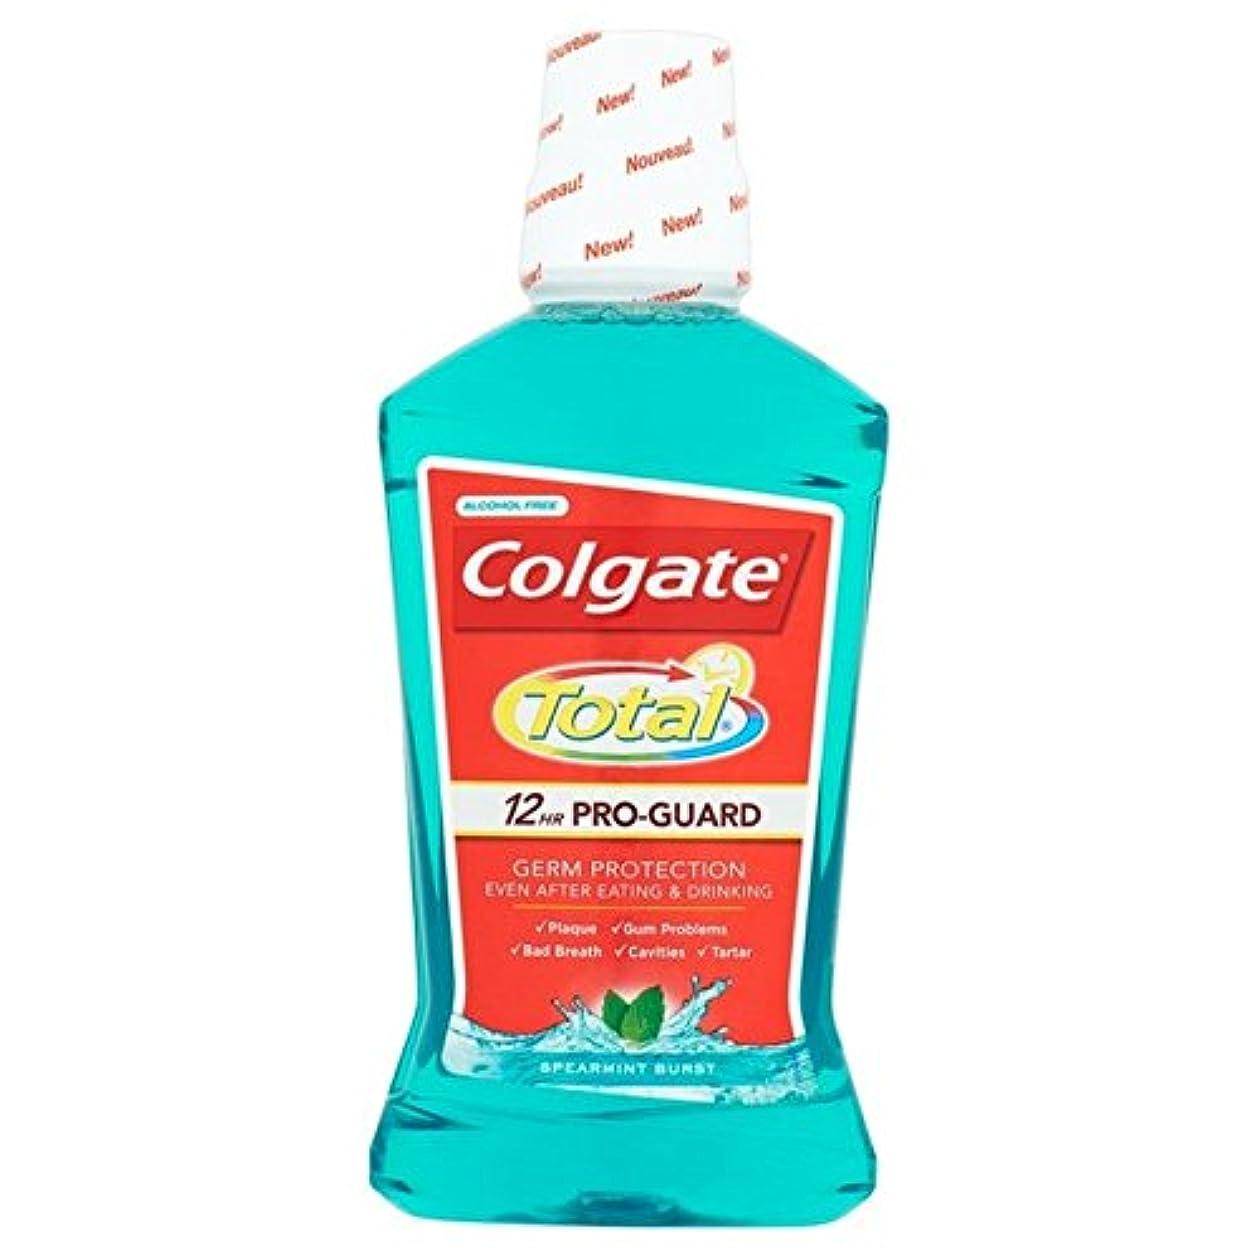 性的インタラクション復讐コルゲートトータル先進的な緑色のマウスウォッシュ500ミリリットル500ミリリットル x4 - Colgate Total Advanced Green Mouthwash 500ml 500ml (Pack of 4)...